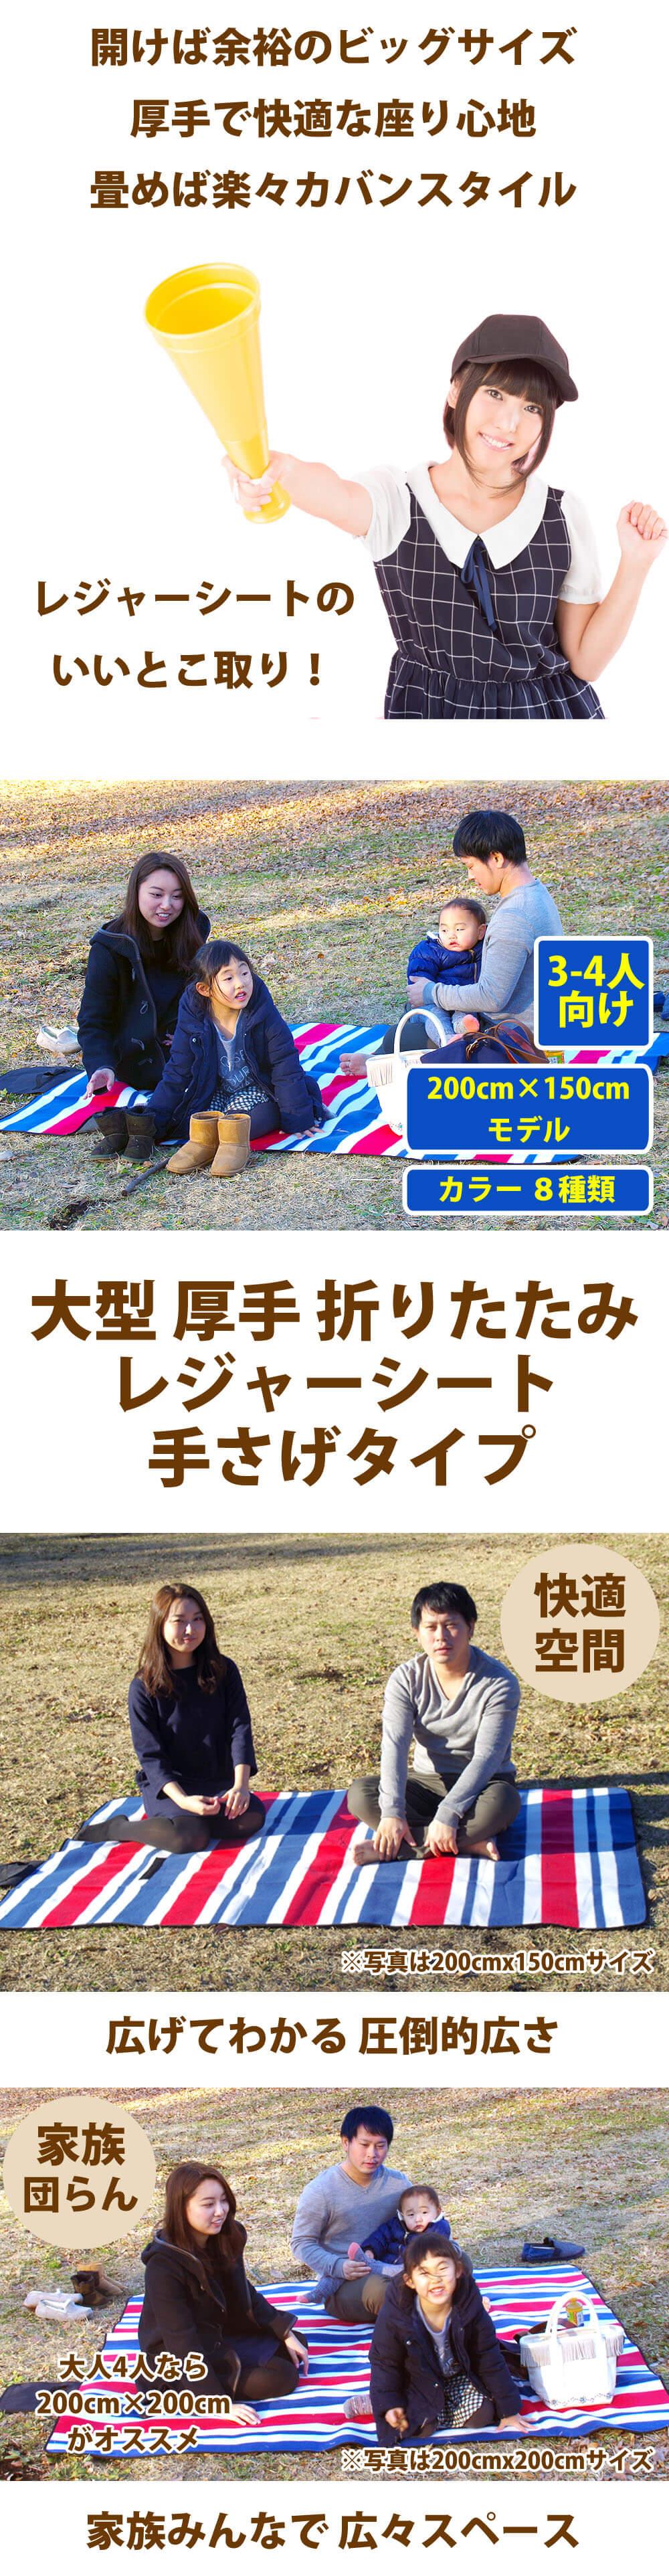 折り畳み 持ち運び カバン レジャーマット 保温 断熱 キャンプ ピクニック 公園 200 150 センチ cm